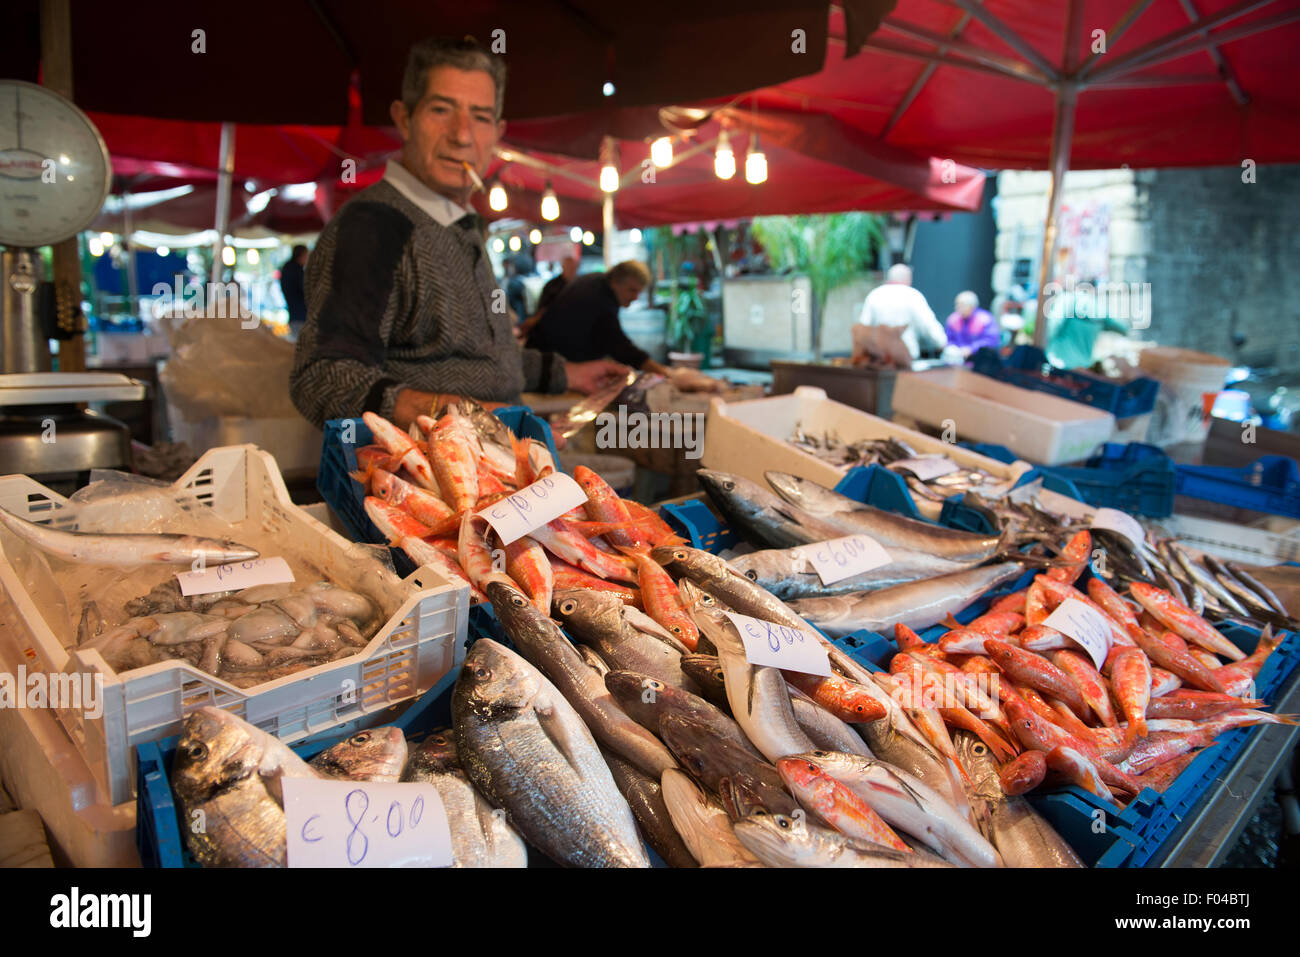 Frischer Fisch und Meeresfrüchte zu den lebhaften Fischmarkt in Catania verkauft. Stockbild